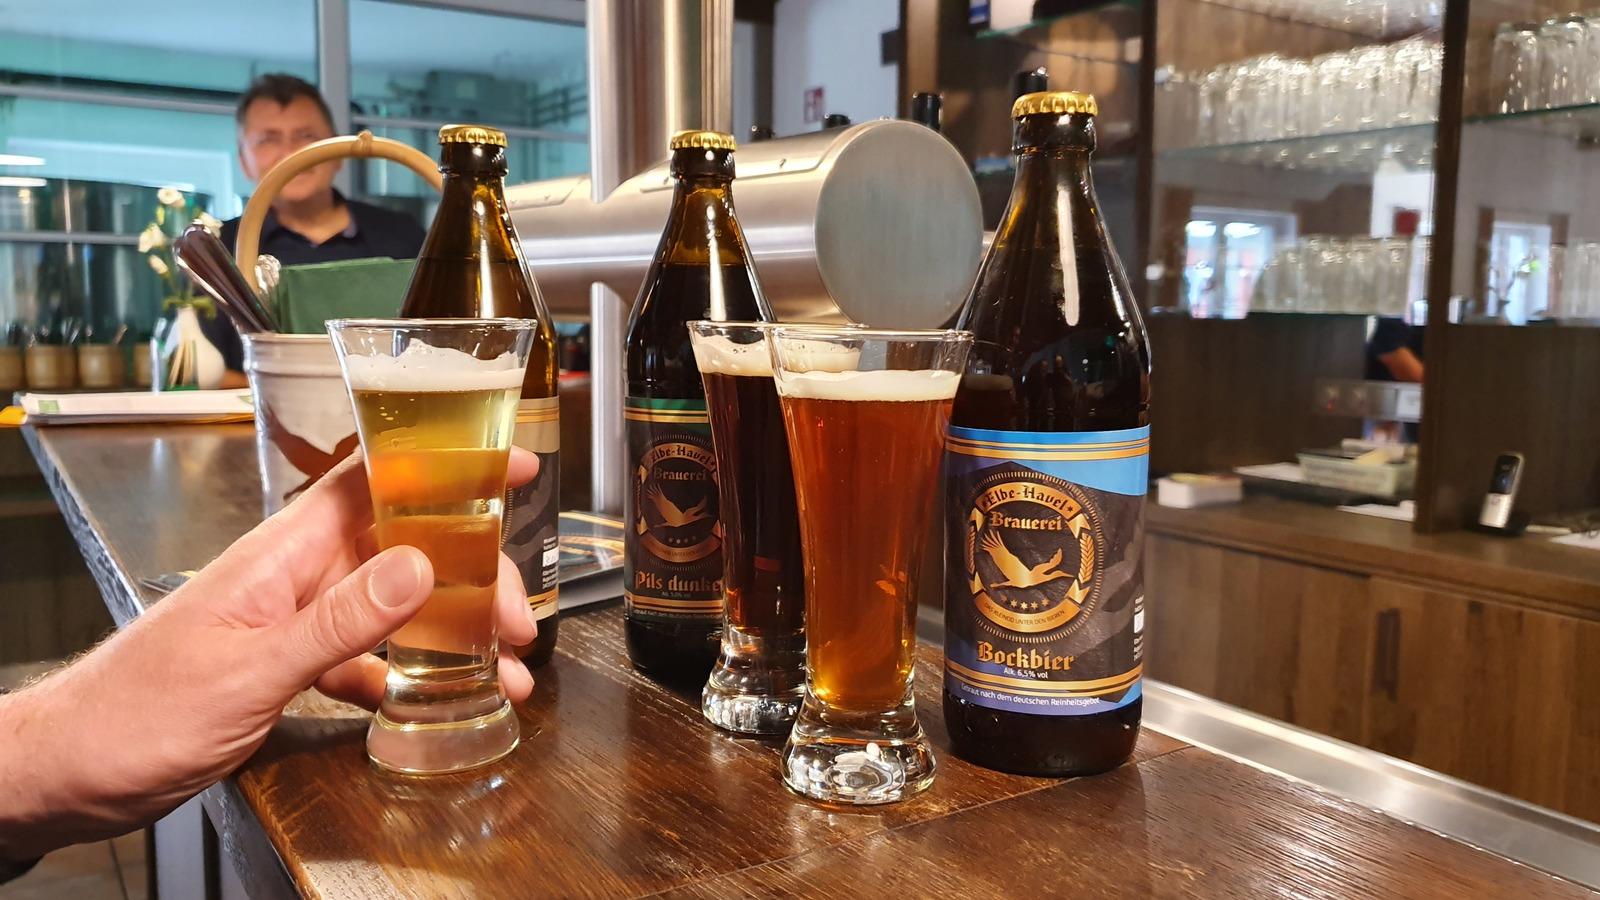 Bierprobe in der Craft-Bier-Brauerei Elb-Havel-Brauerei